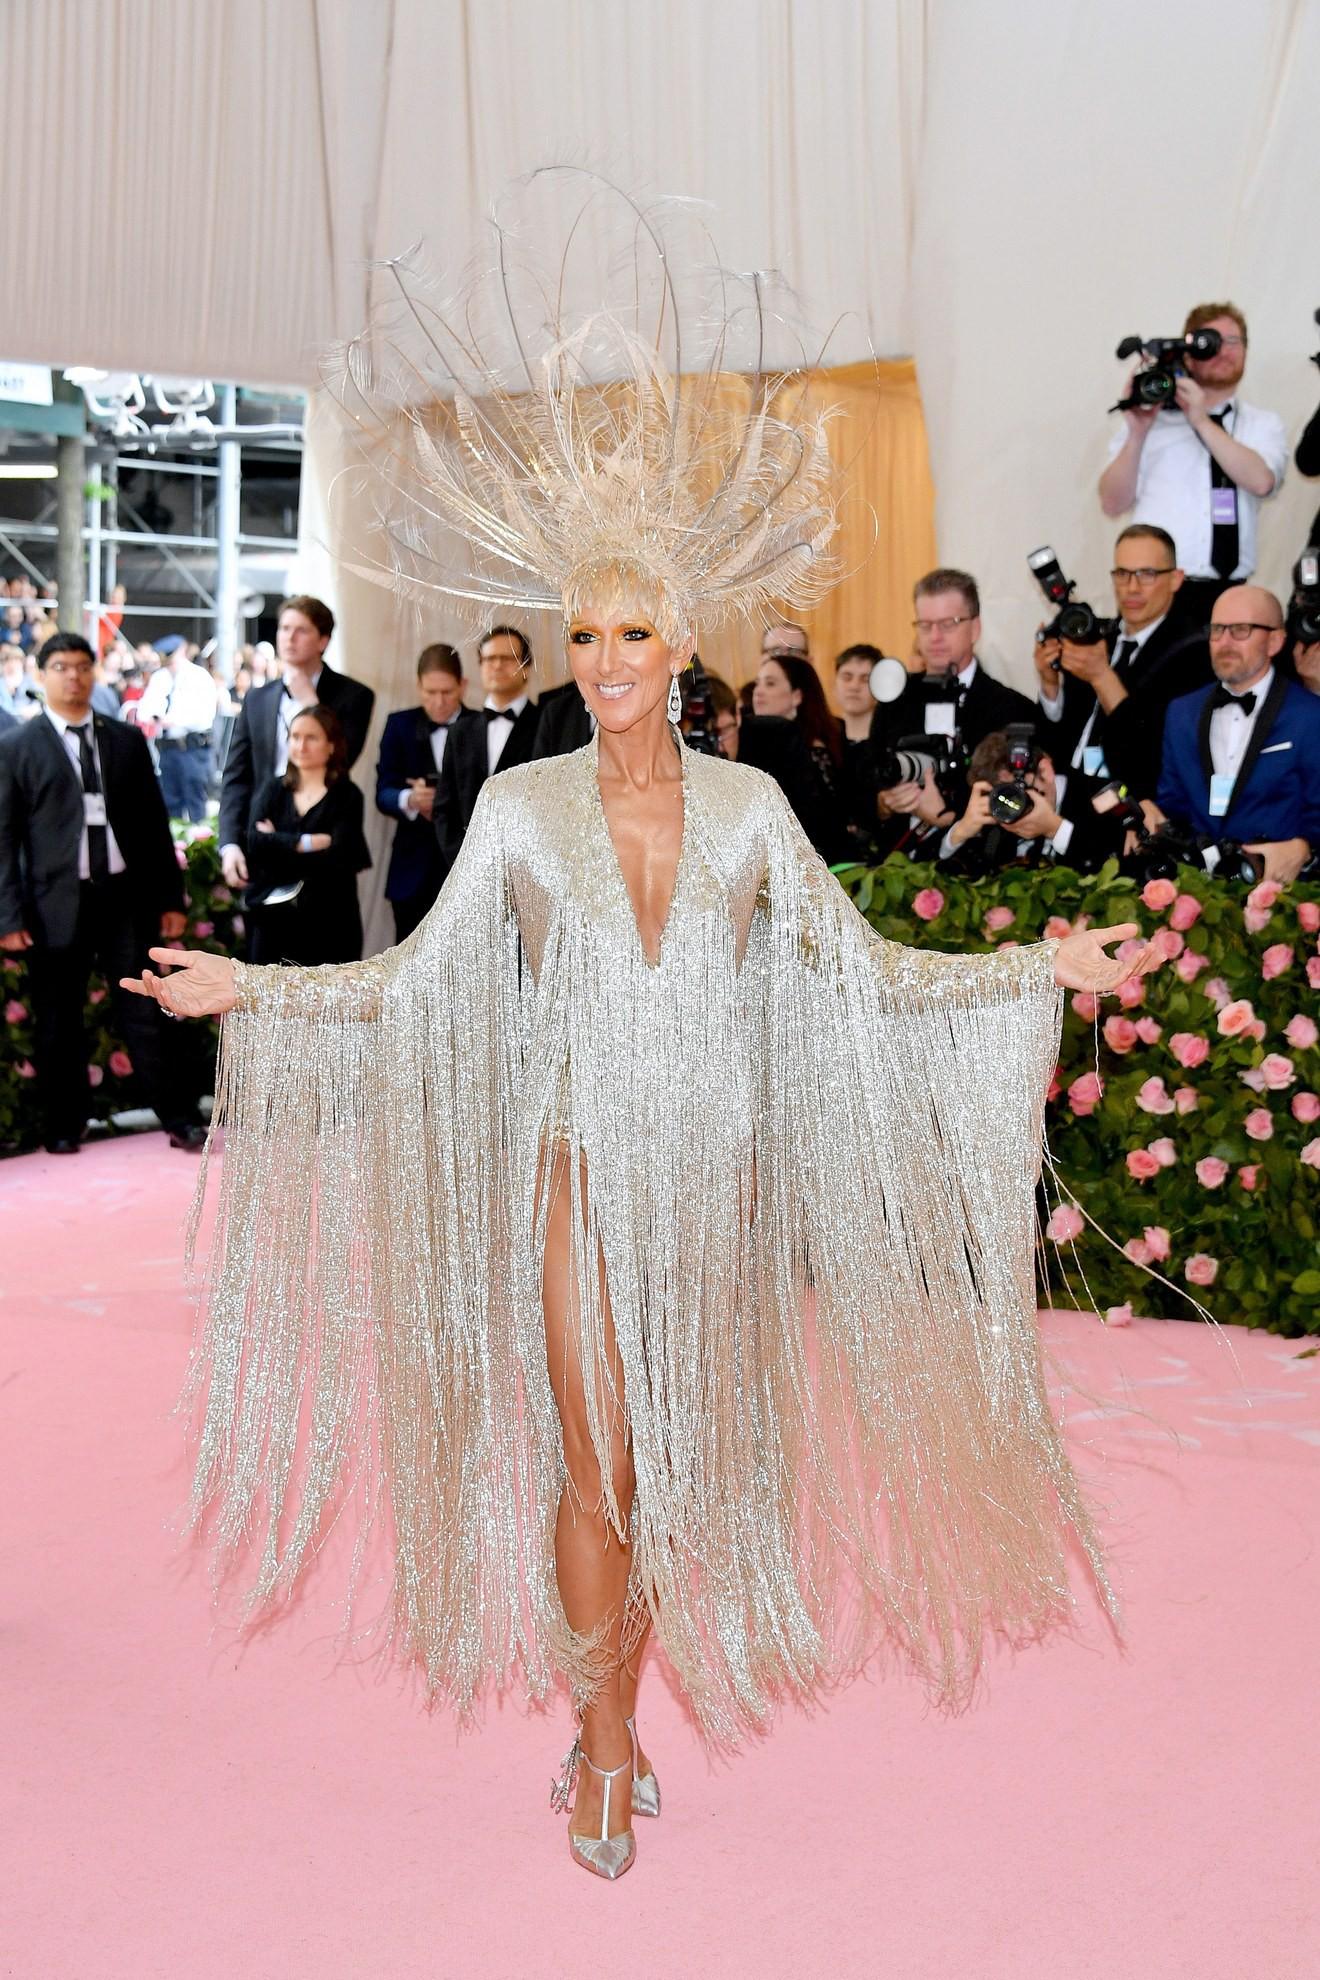 Met Gala 2019: Khó ai chơi lớn bằng Lady Gaga, Katy Perry hóa đèn chùm nhưng chặt chém không kém là nam nhân dát vàng nằm kiệu - Ảnh 13.